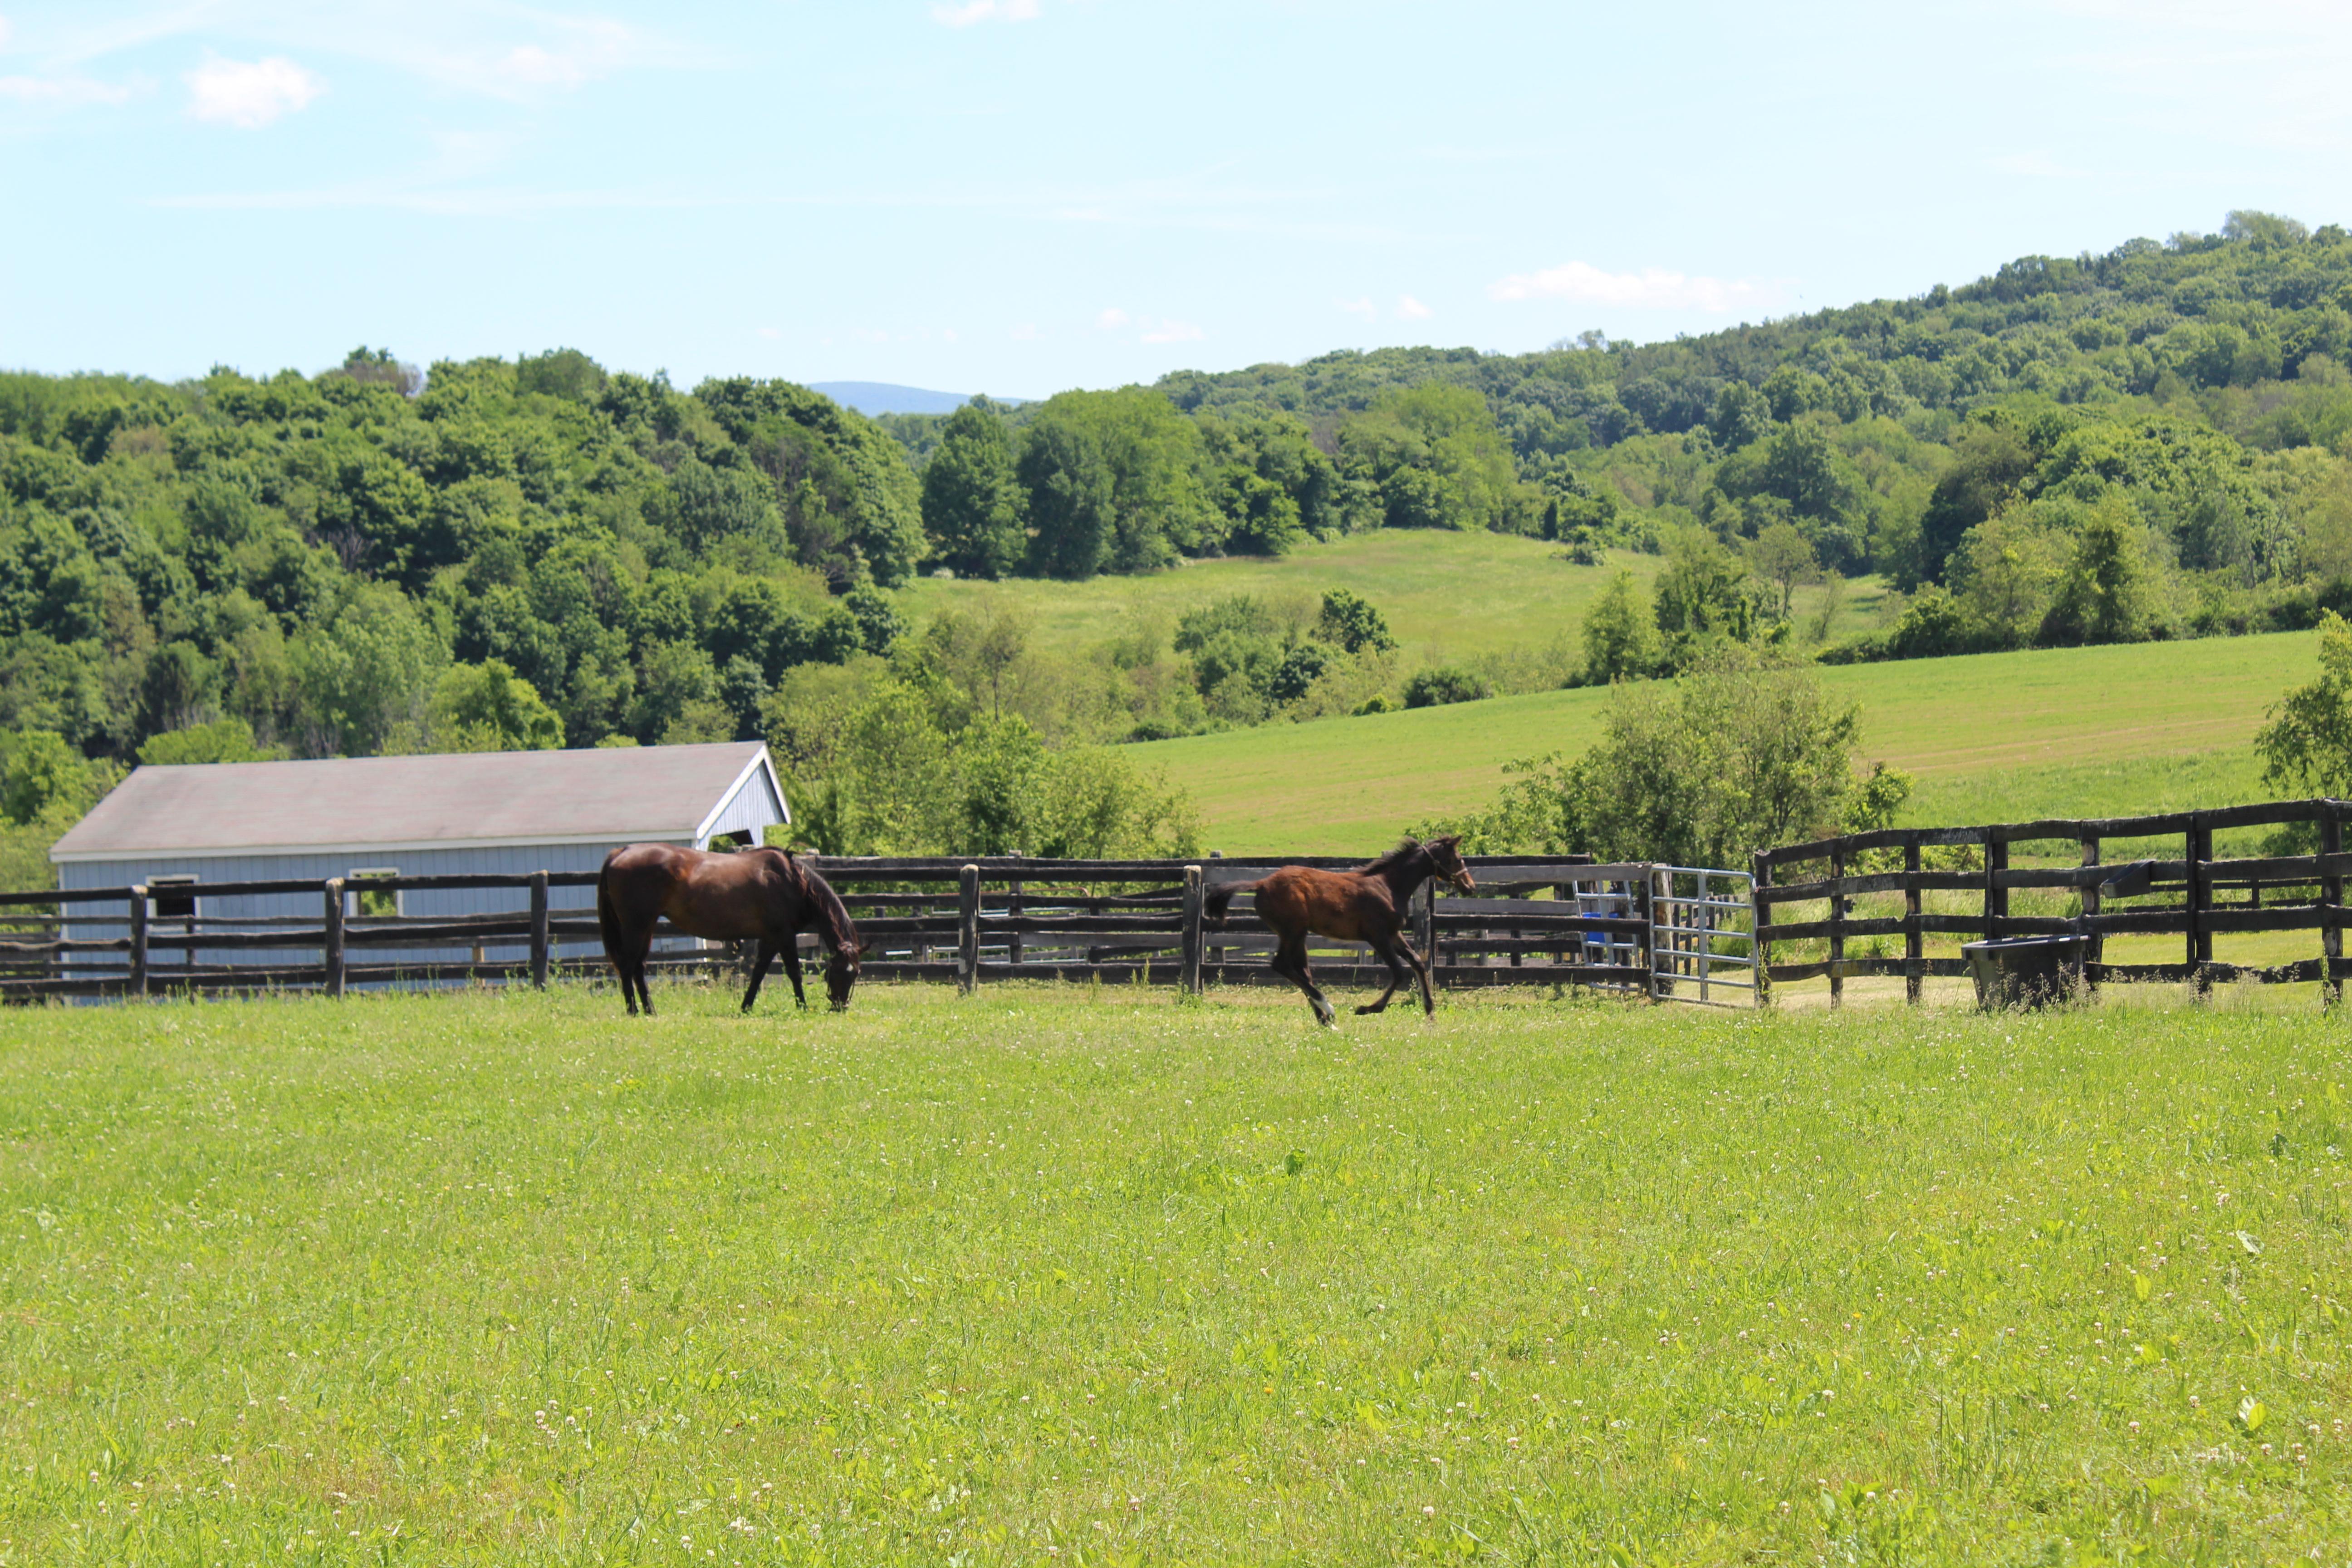 Dutchess Views Farm in the Town of Pine Plains